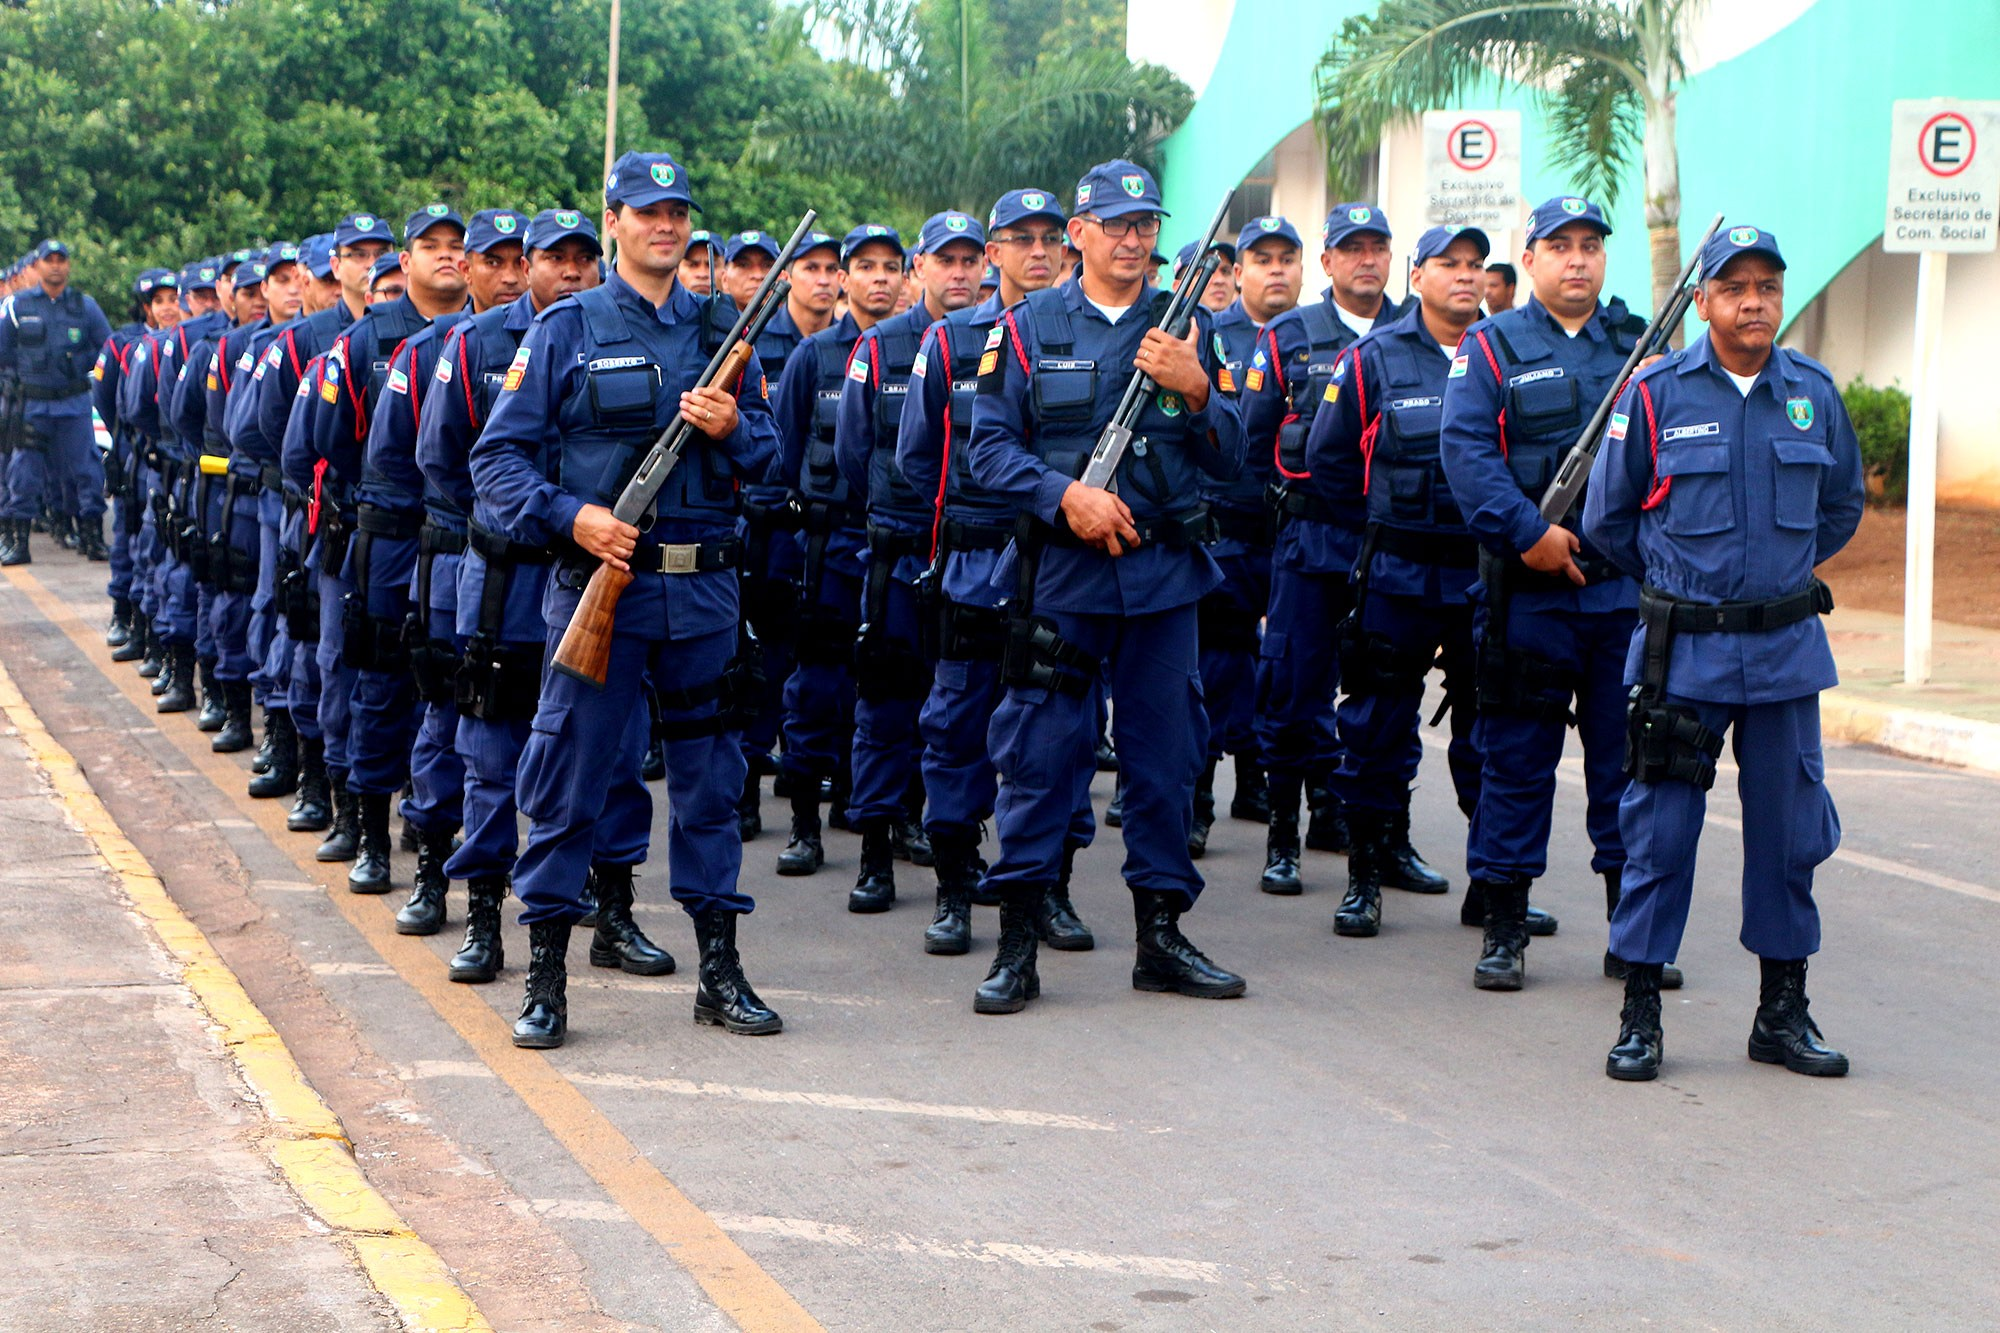 Várzea Grande: Secretaria de Defesa Social e PM firmam parceria para capacitação da Guarda Municipal